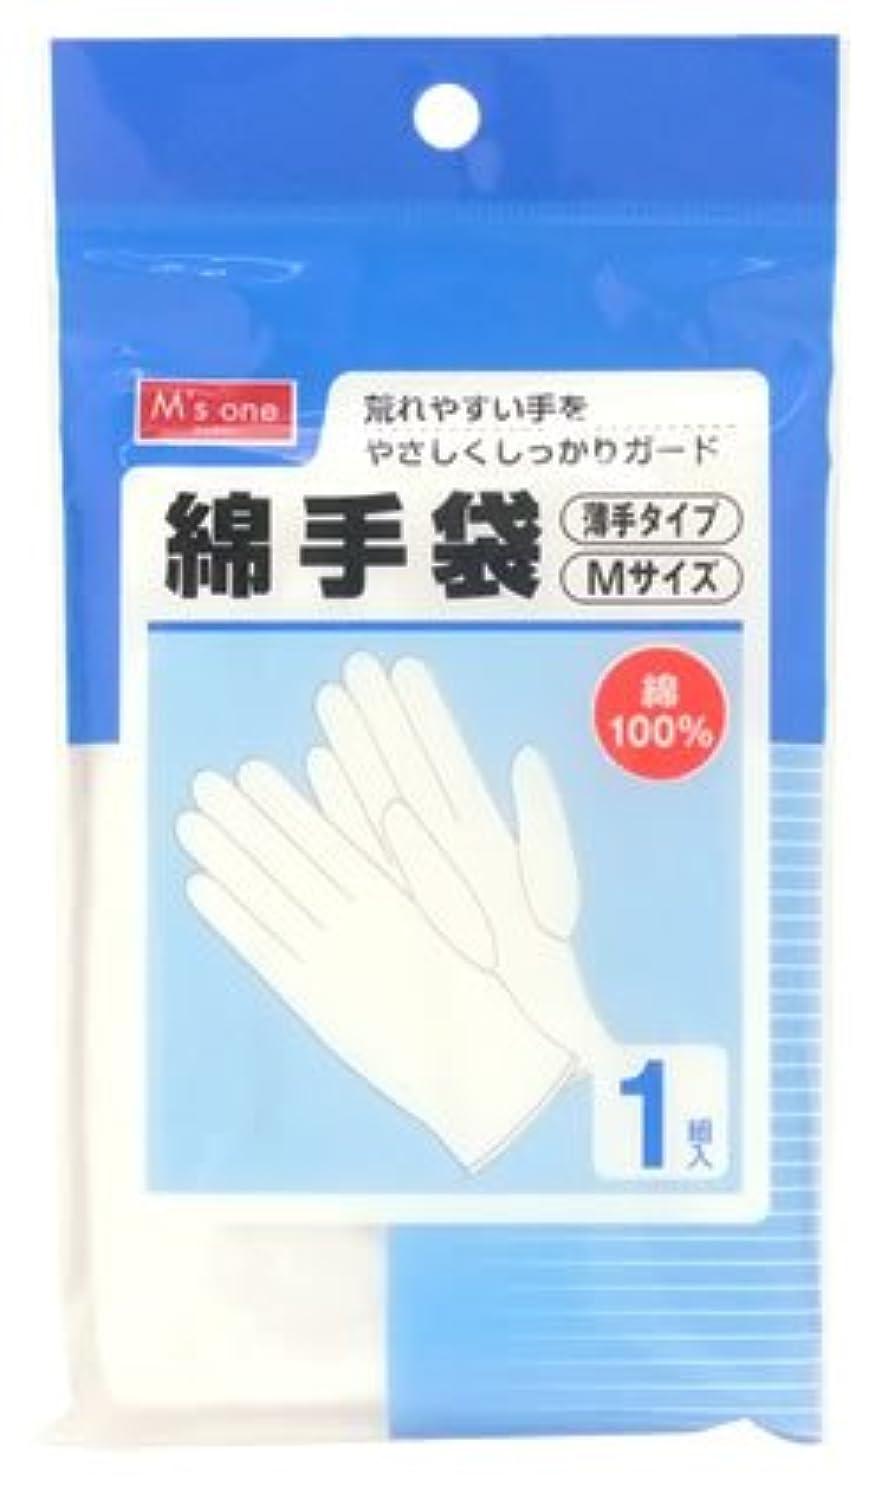 試す組み立てる強調するエムズワン 綿手袋 Mサイズ (1組入) 薄手タイプ 綿100%